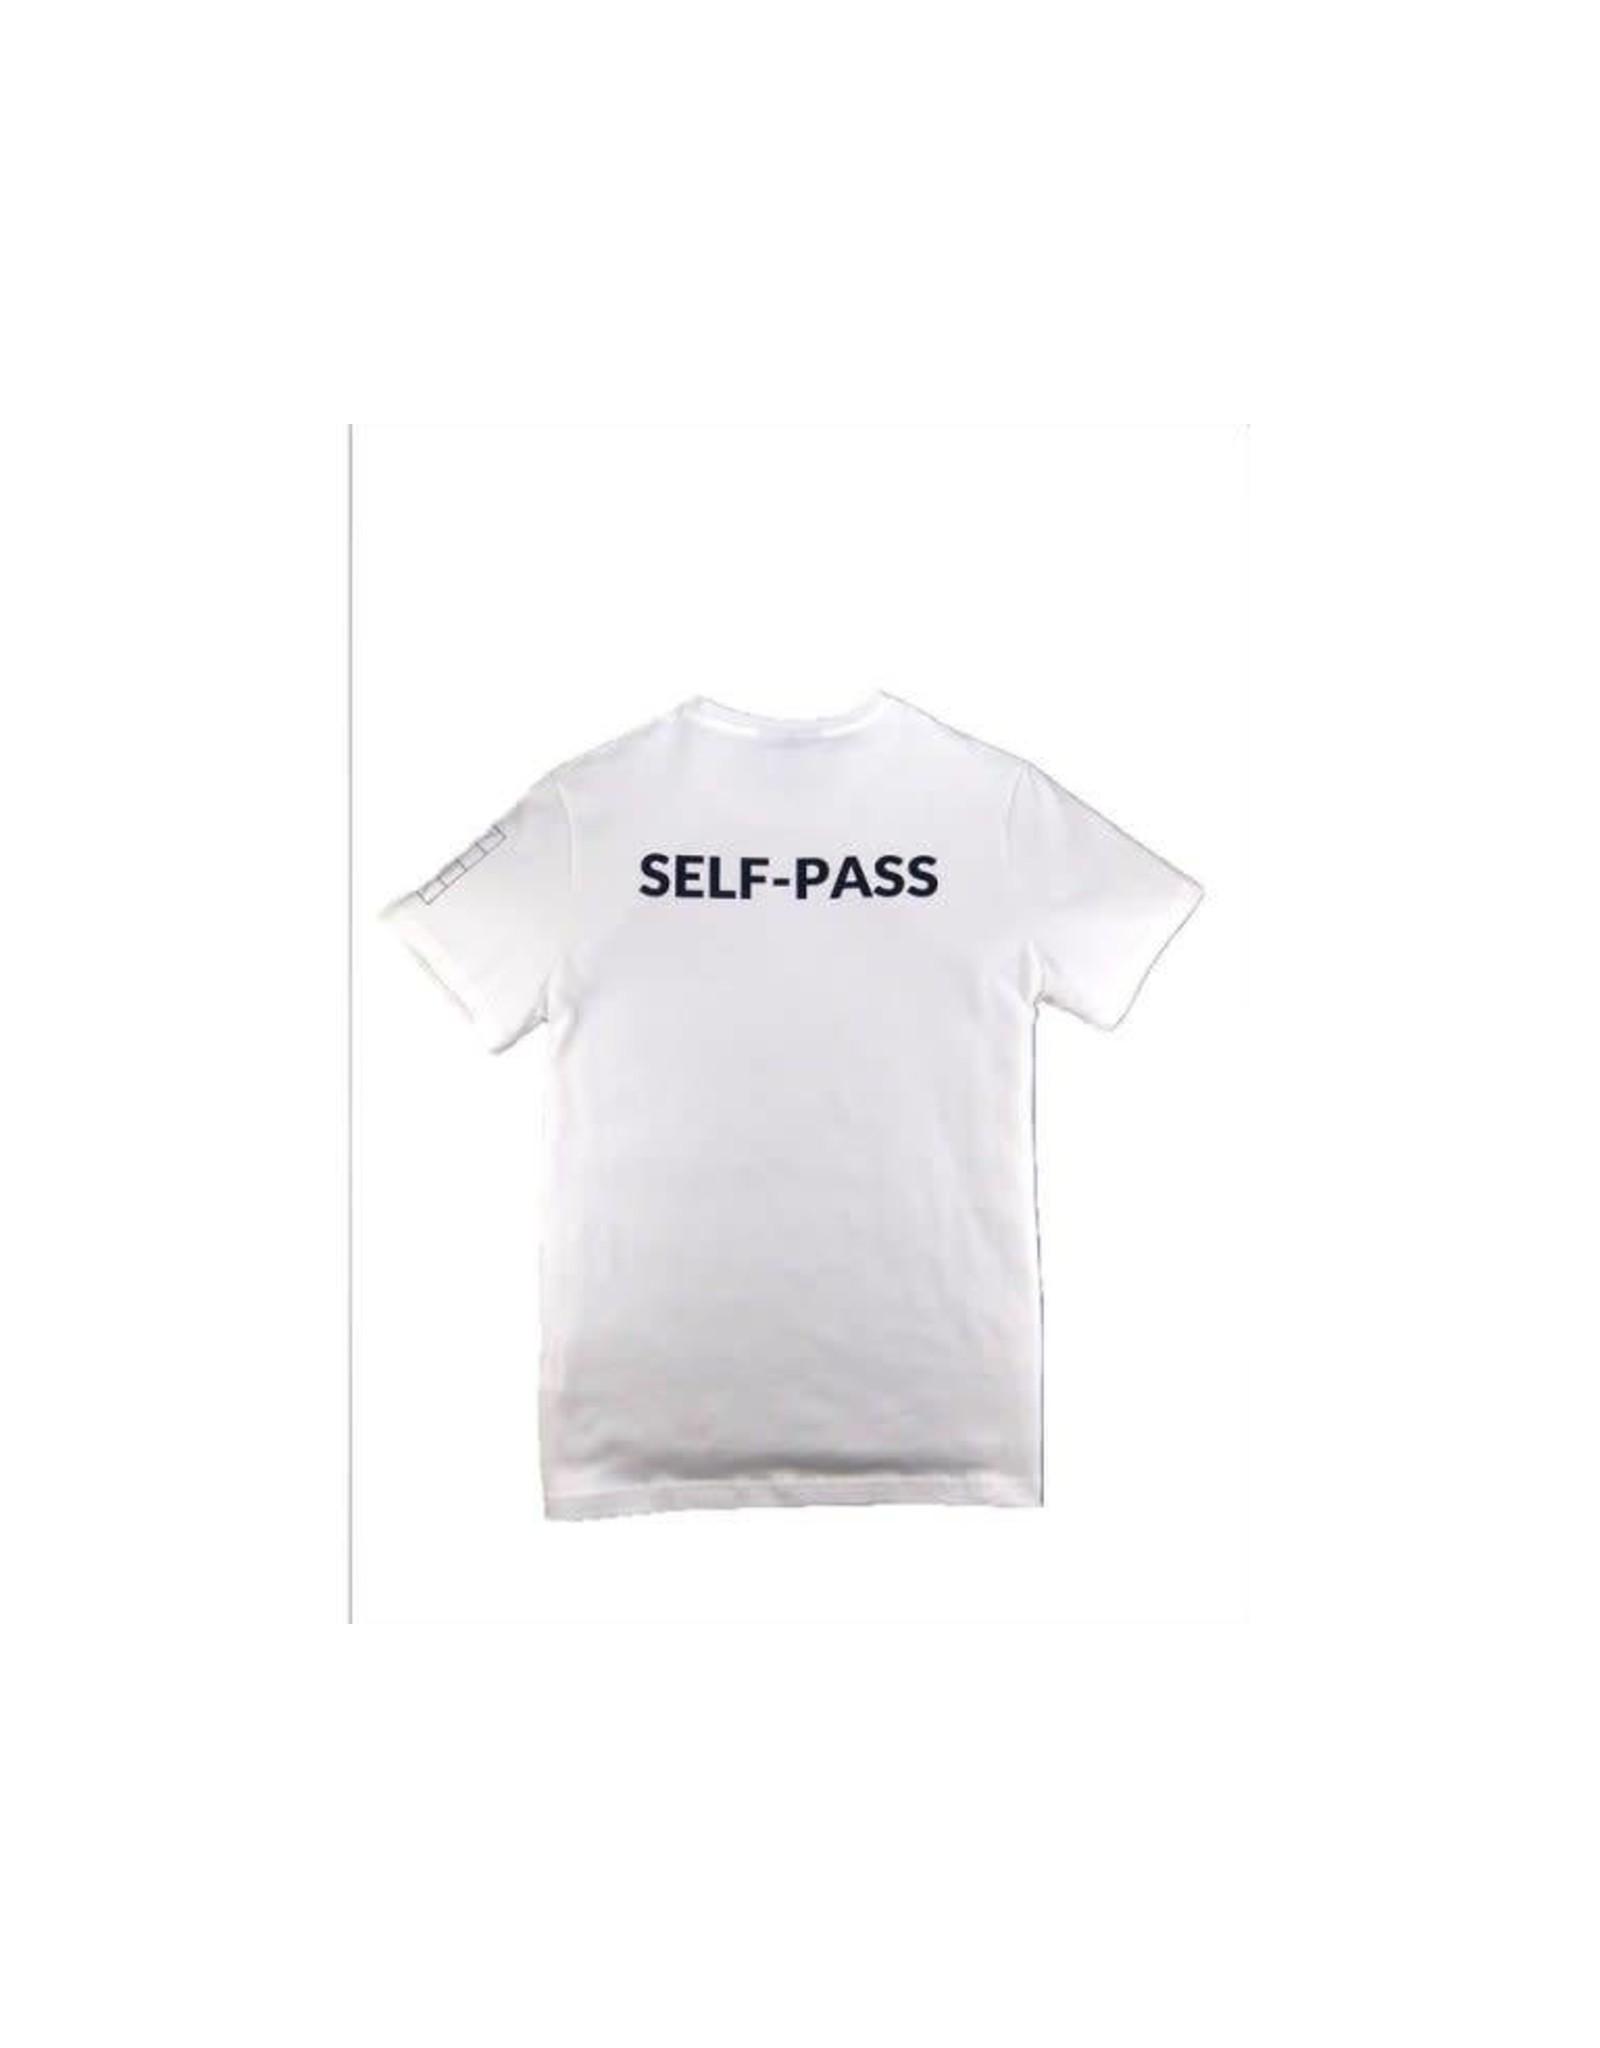 SELFPASS SELFPASS SHIRT WHITE MEDIUM